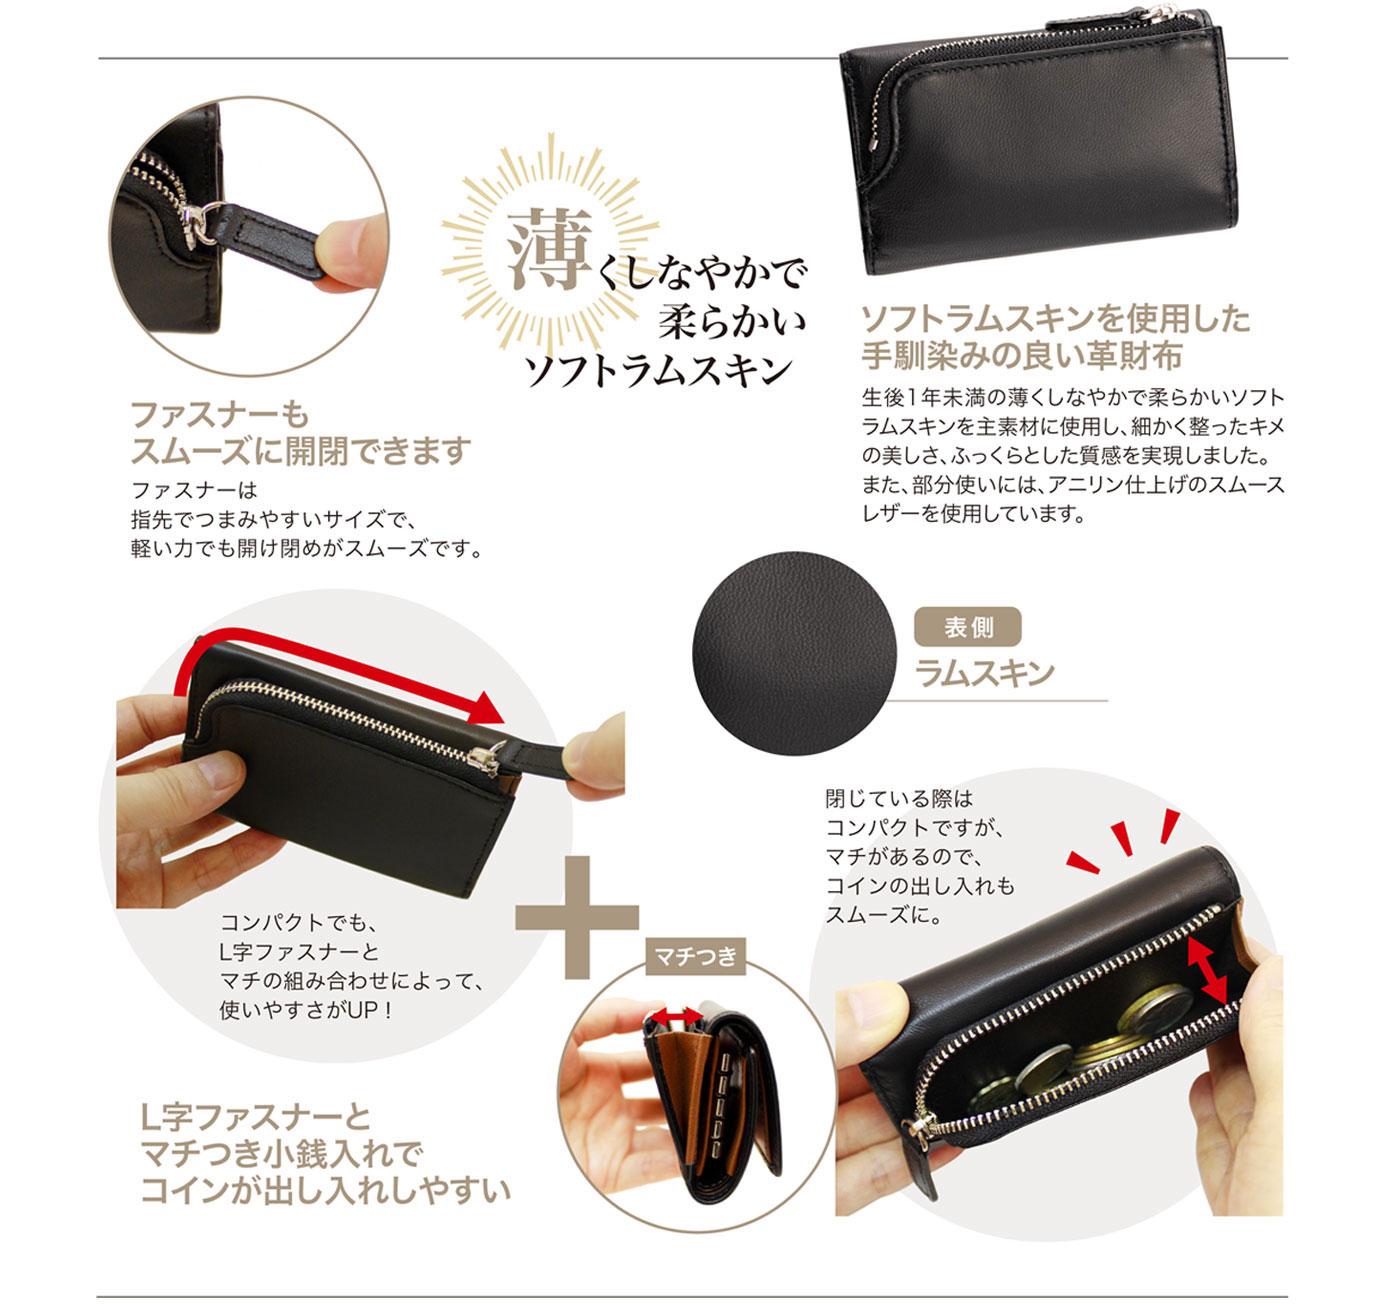 キプリスの革財布 薄くしなやかで柔らかいソフトラムスキン。ファスナーは軽い力でもスムーズに開閉できます。コンパクトでもL字ファスナーとマチの組み合わせによって使いやすさがアップ。小銭の出し入れがスムーズです。